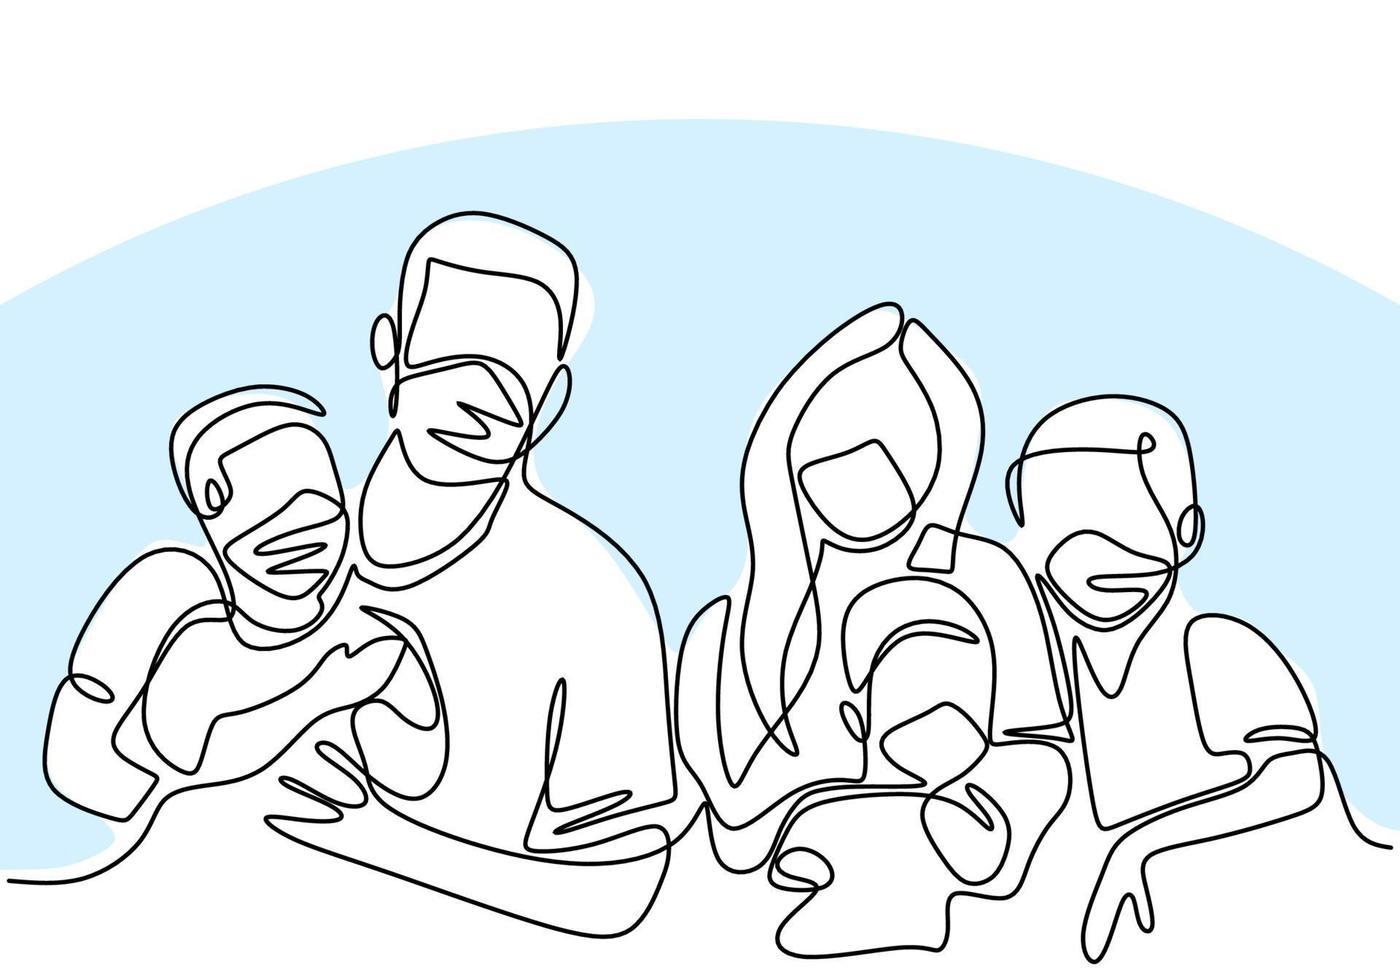 contínuo um desenho de linha de família usando máscaras médicas protetoras e permanecendo em casa durante a pandemia covid-19. vetor